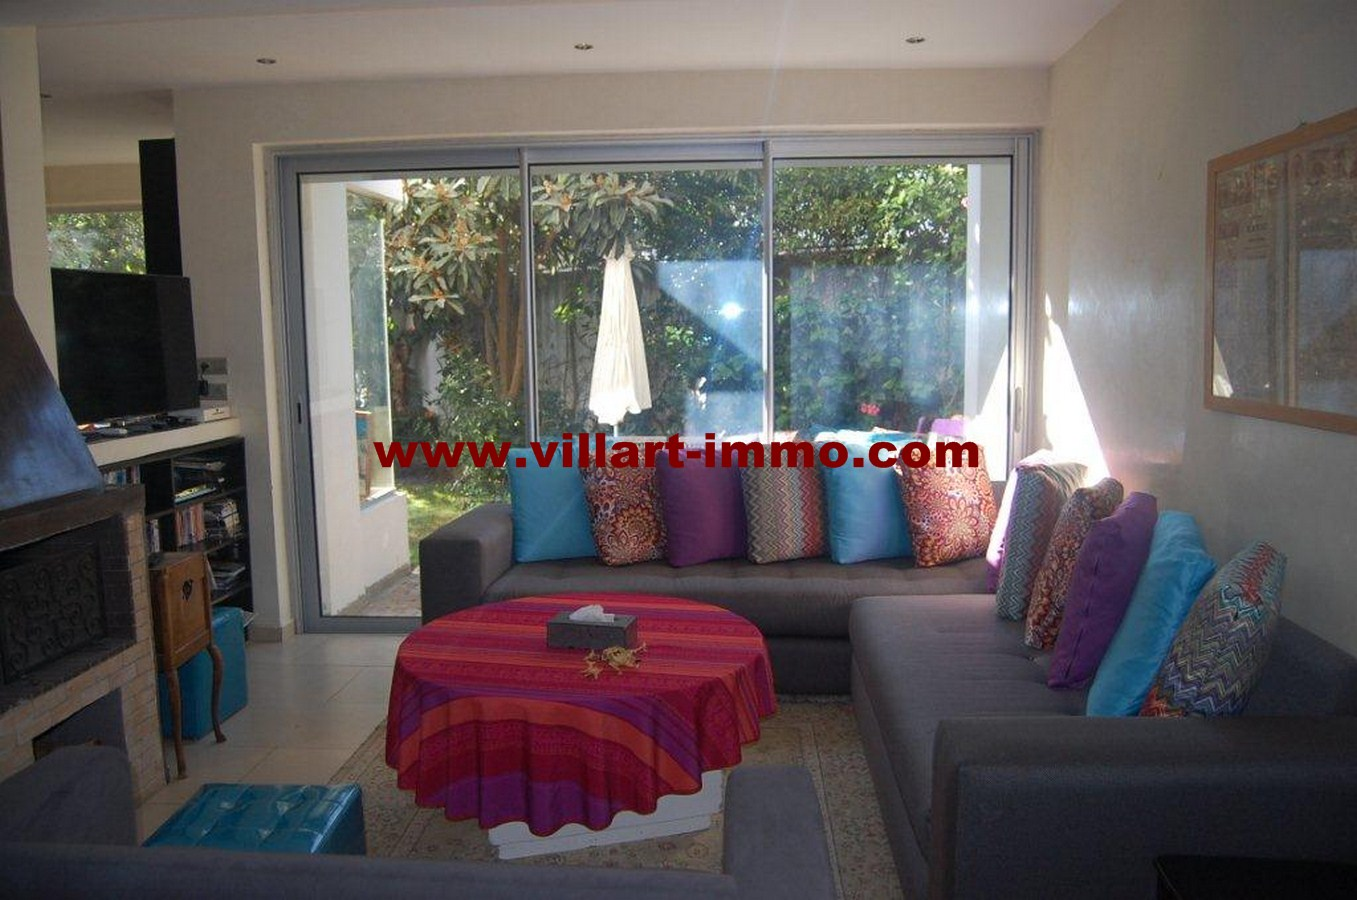 3-a-vendre-tanger-villa-californie-salon-1-vv461-villart-immo-agence-immobiliere-copier